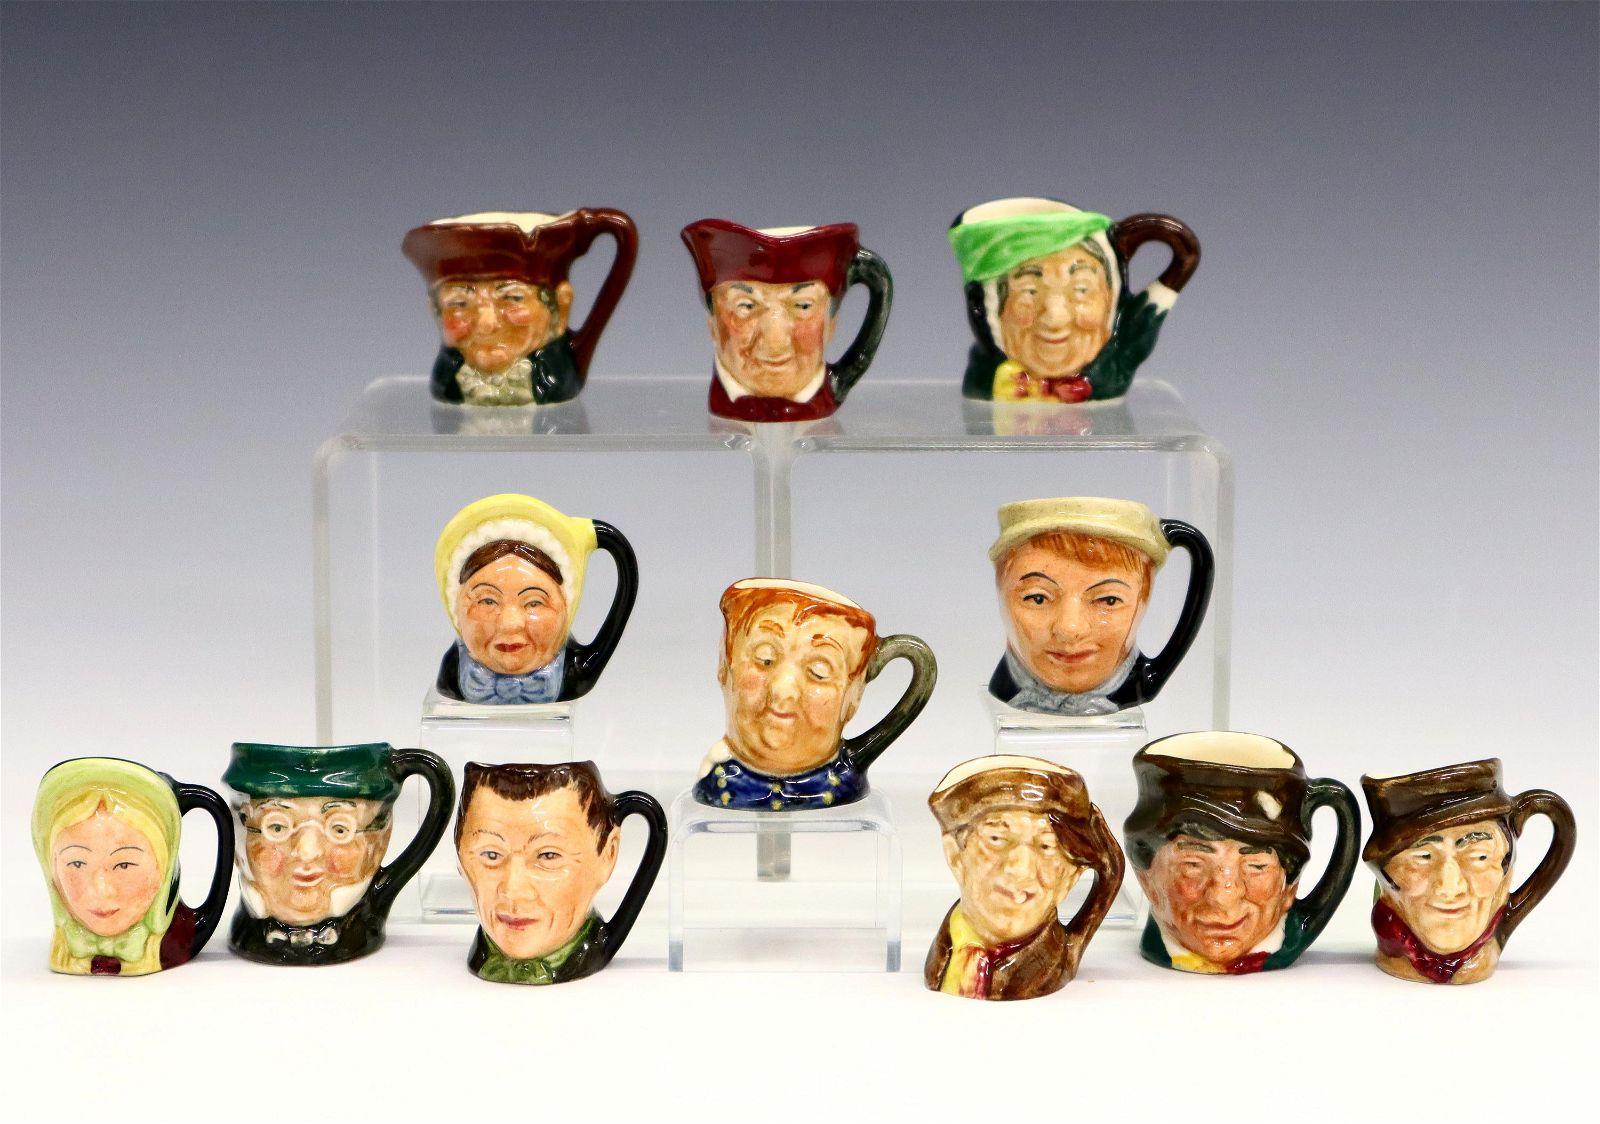 12 Royal Doulton Character Thimble Mugs